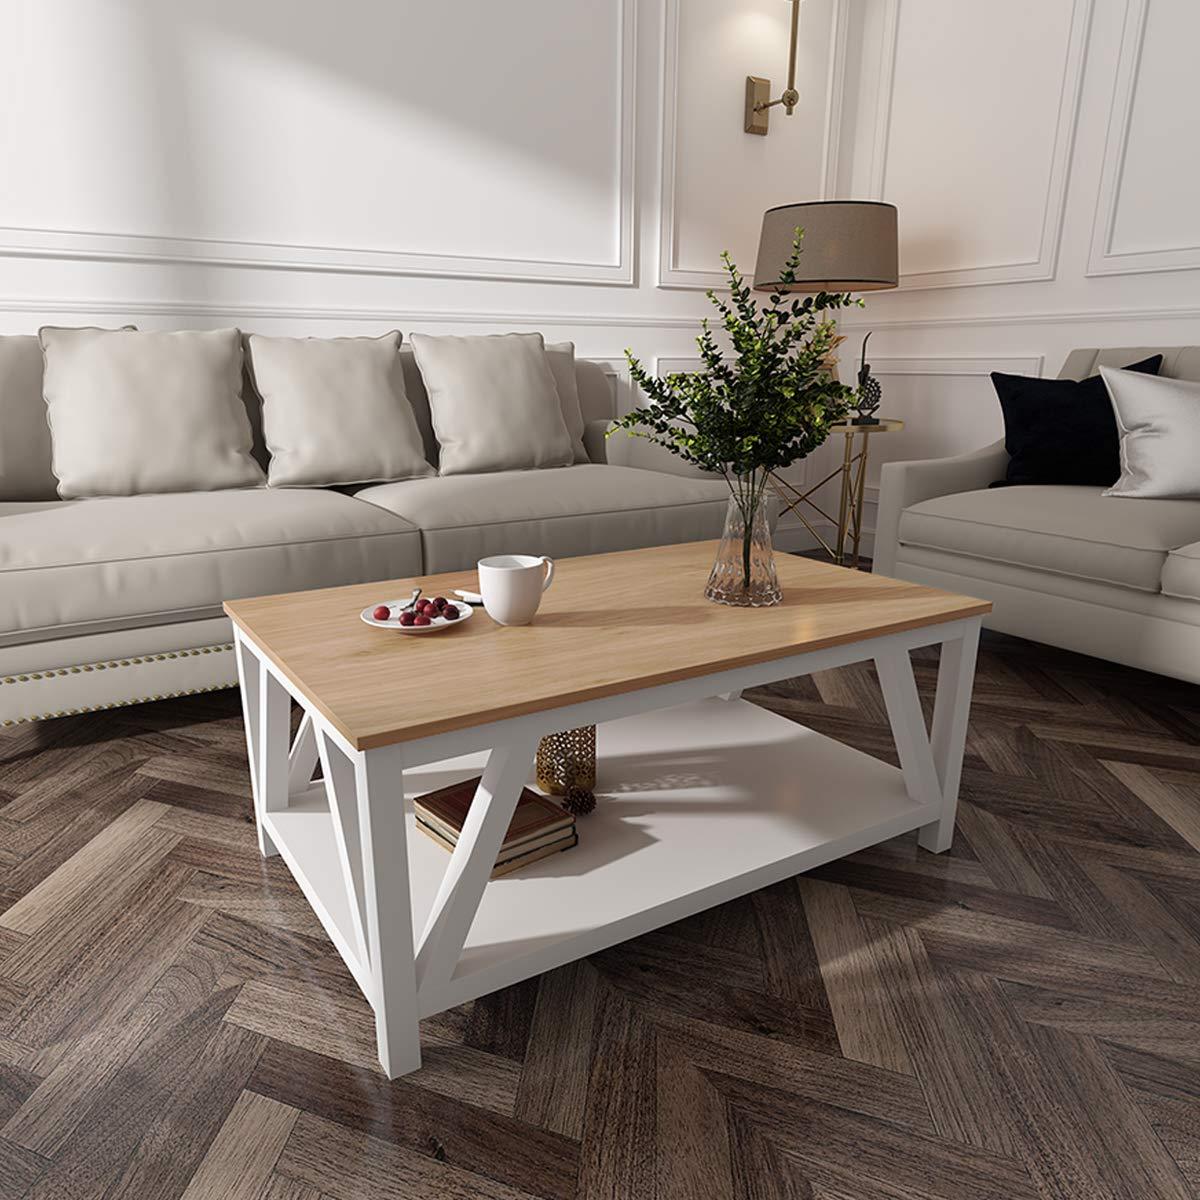 salotto-stile-francese-12-parquet